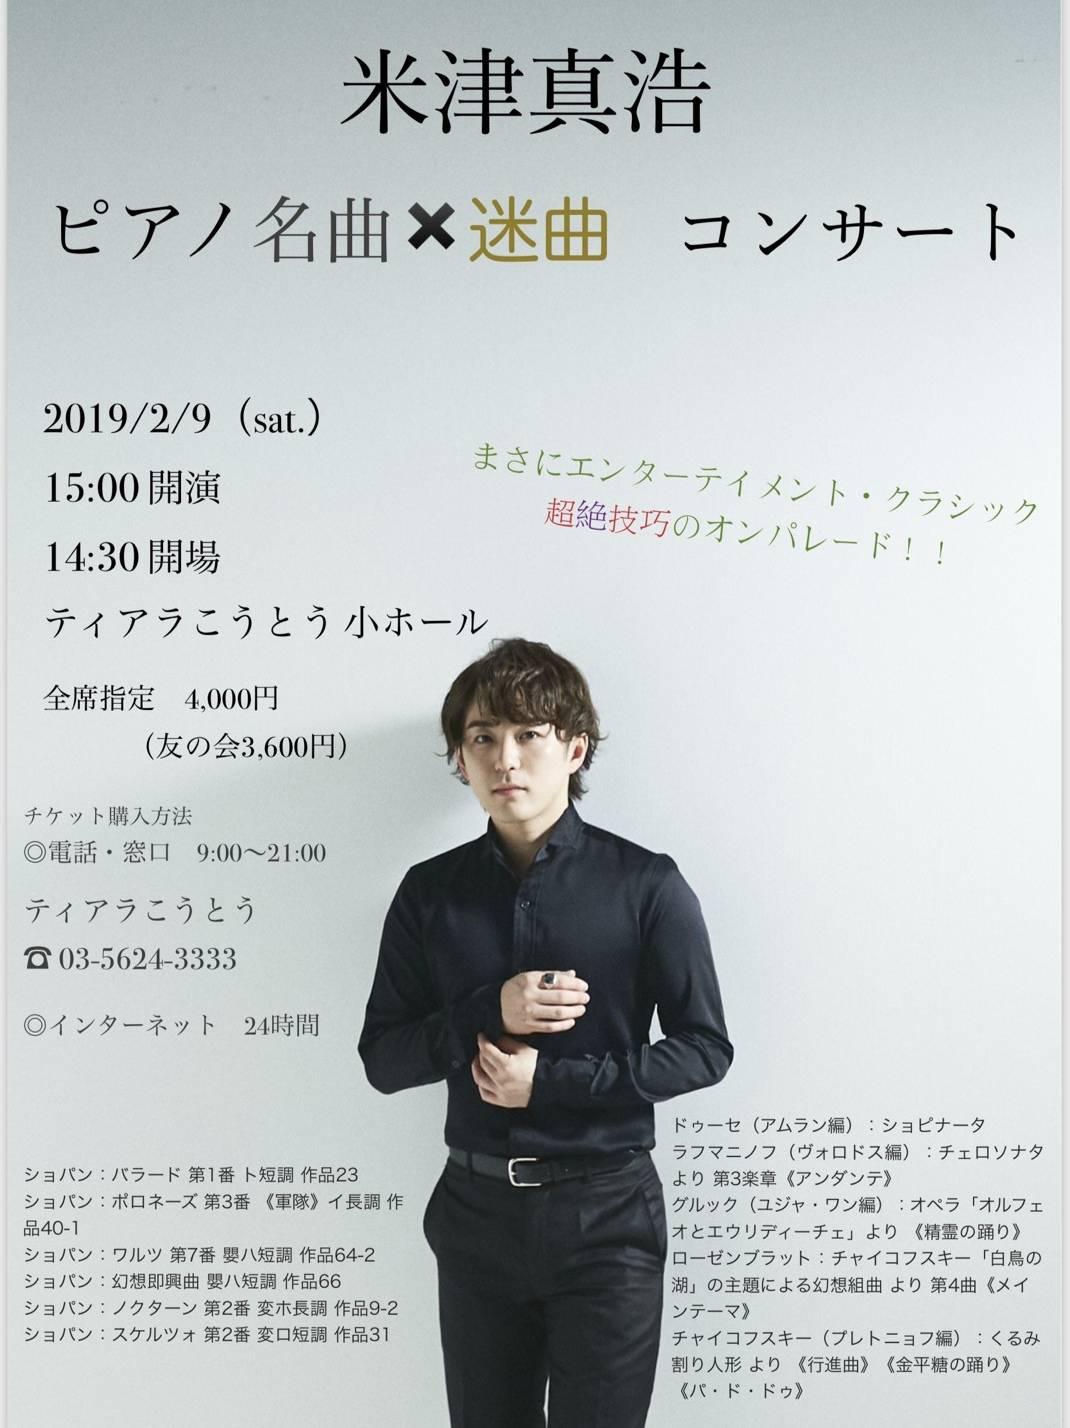 2019年2月9日(土) 米津真浩ピアノ名曲×迷曲コンサート